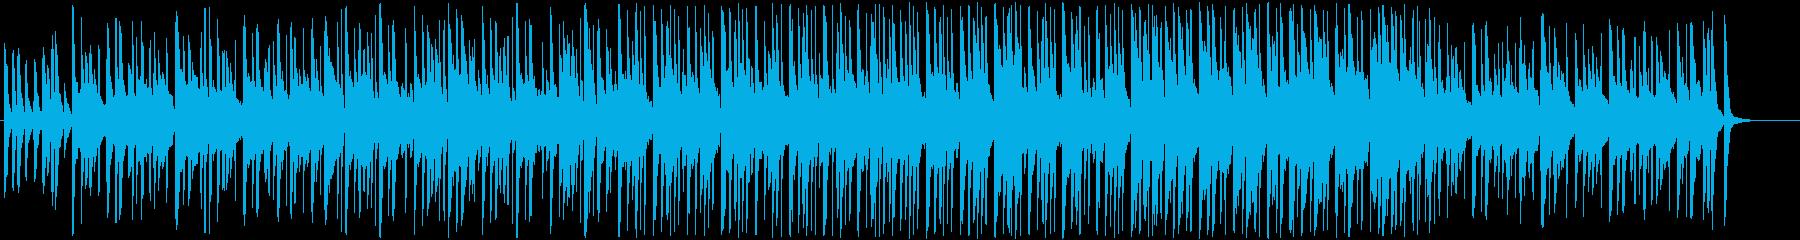 ポップで軽快なBGMの再生済みの波形